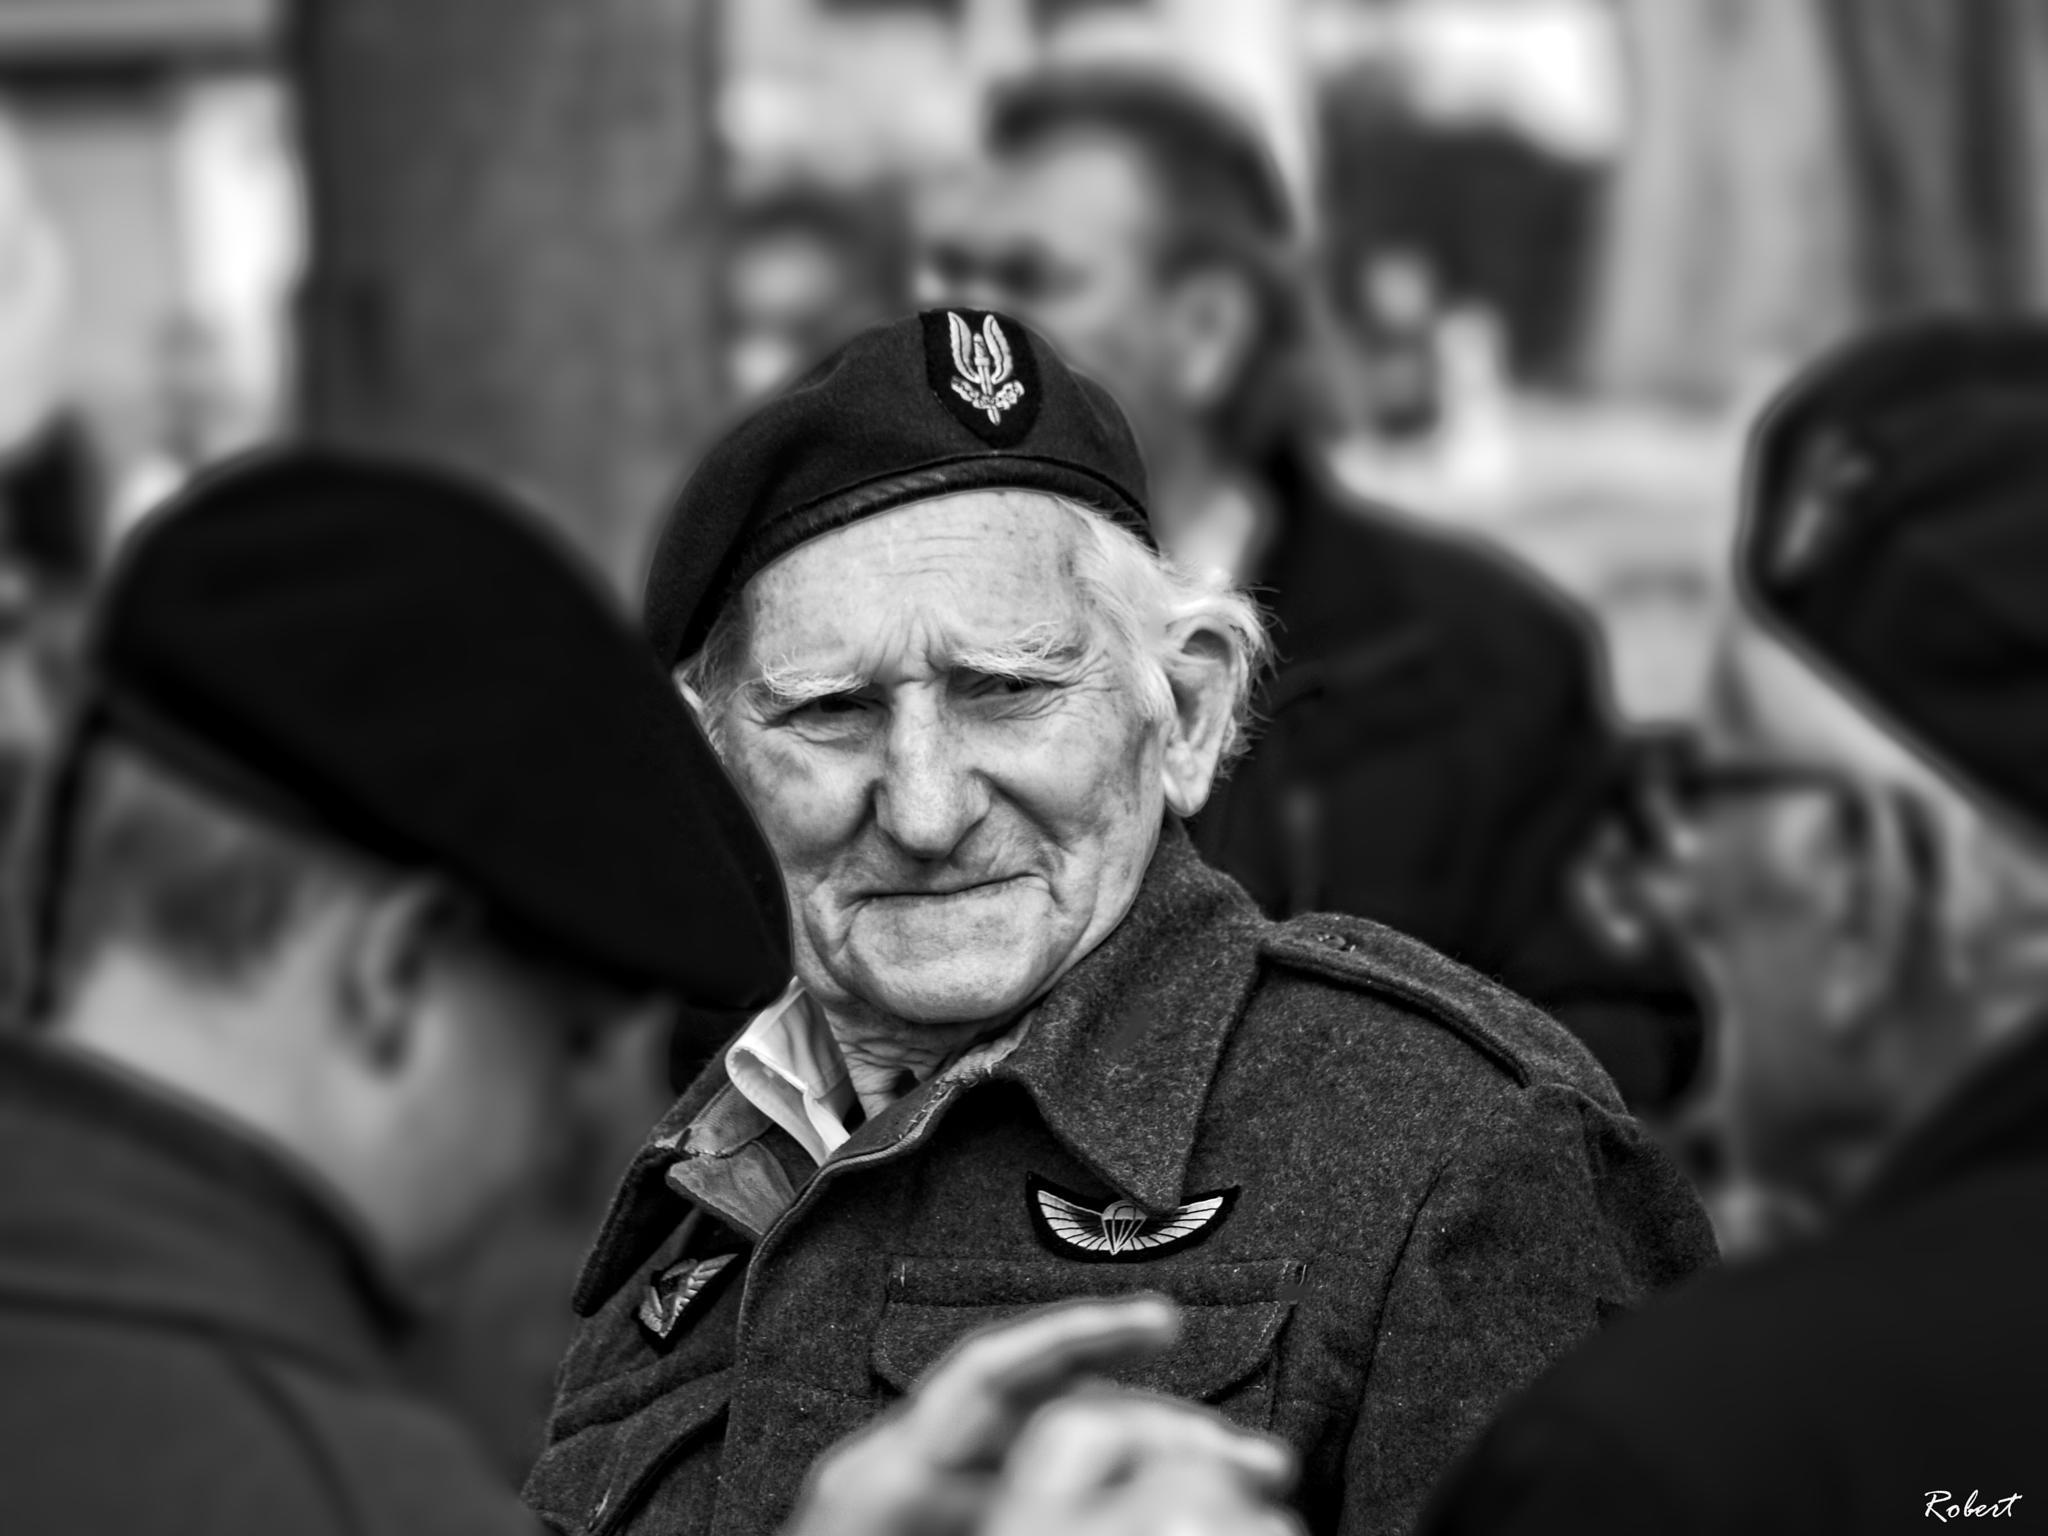 Worldwar 2 Veteran... by Robert